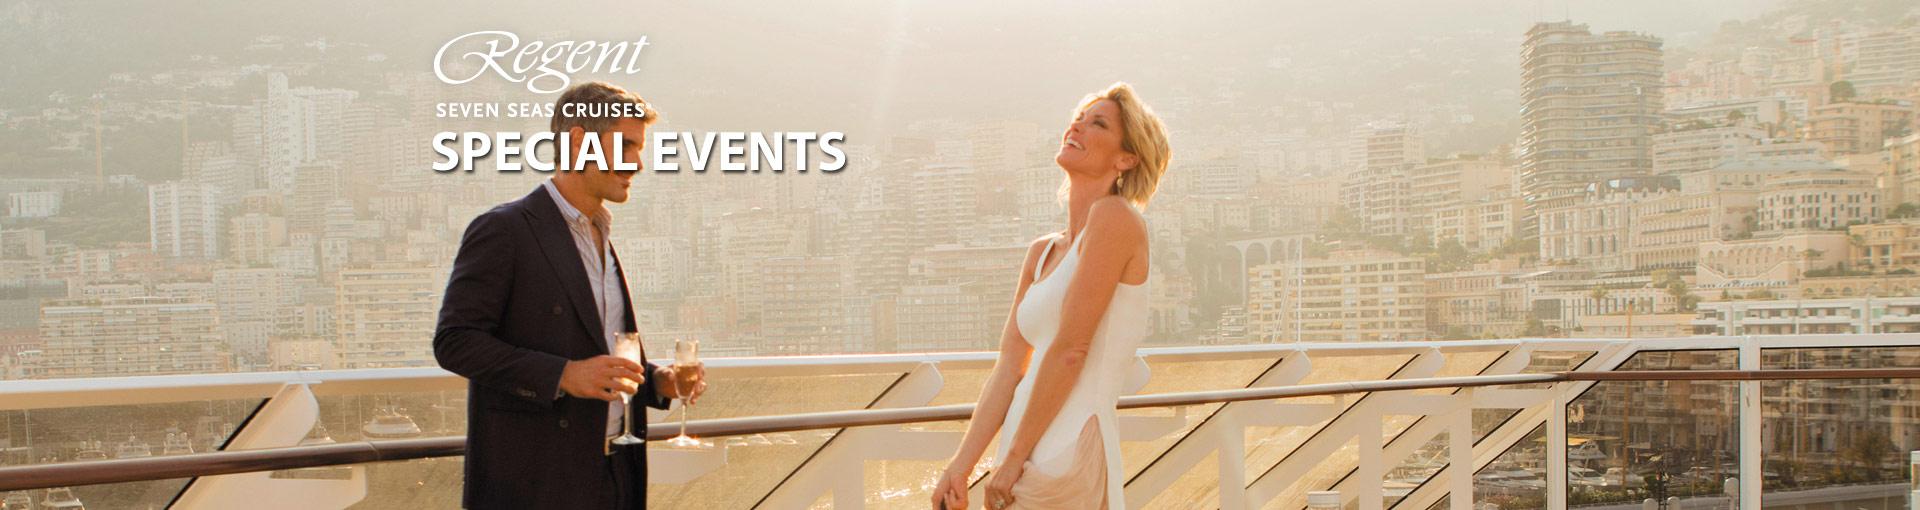 Regent Seven Seas Cruises Special Events